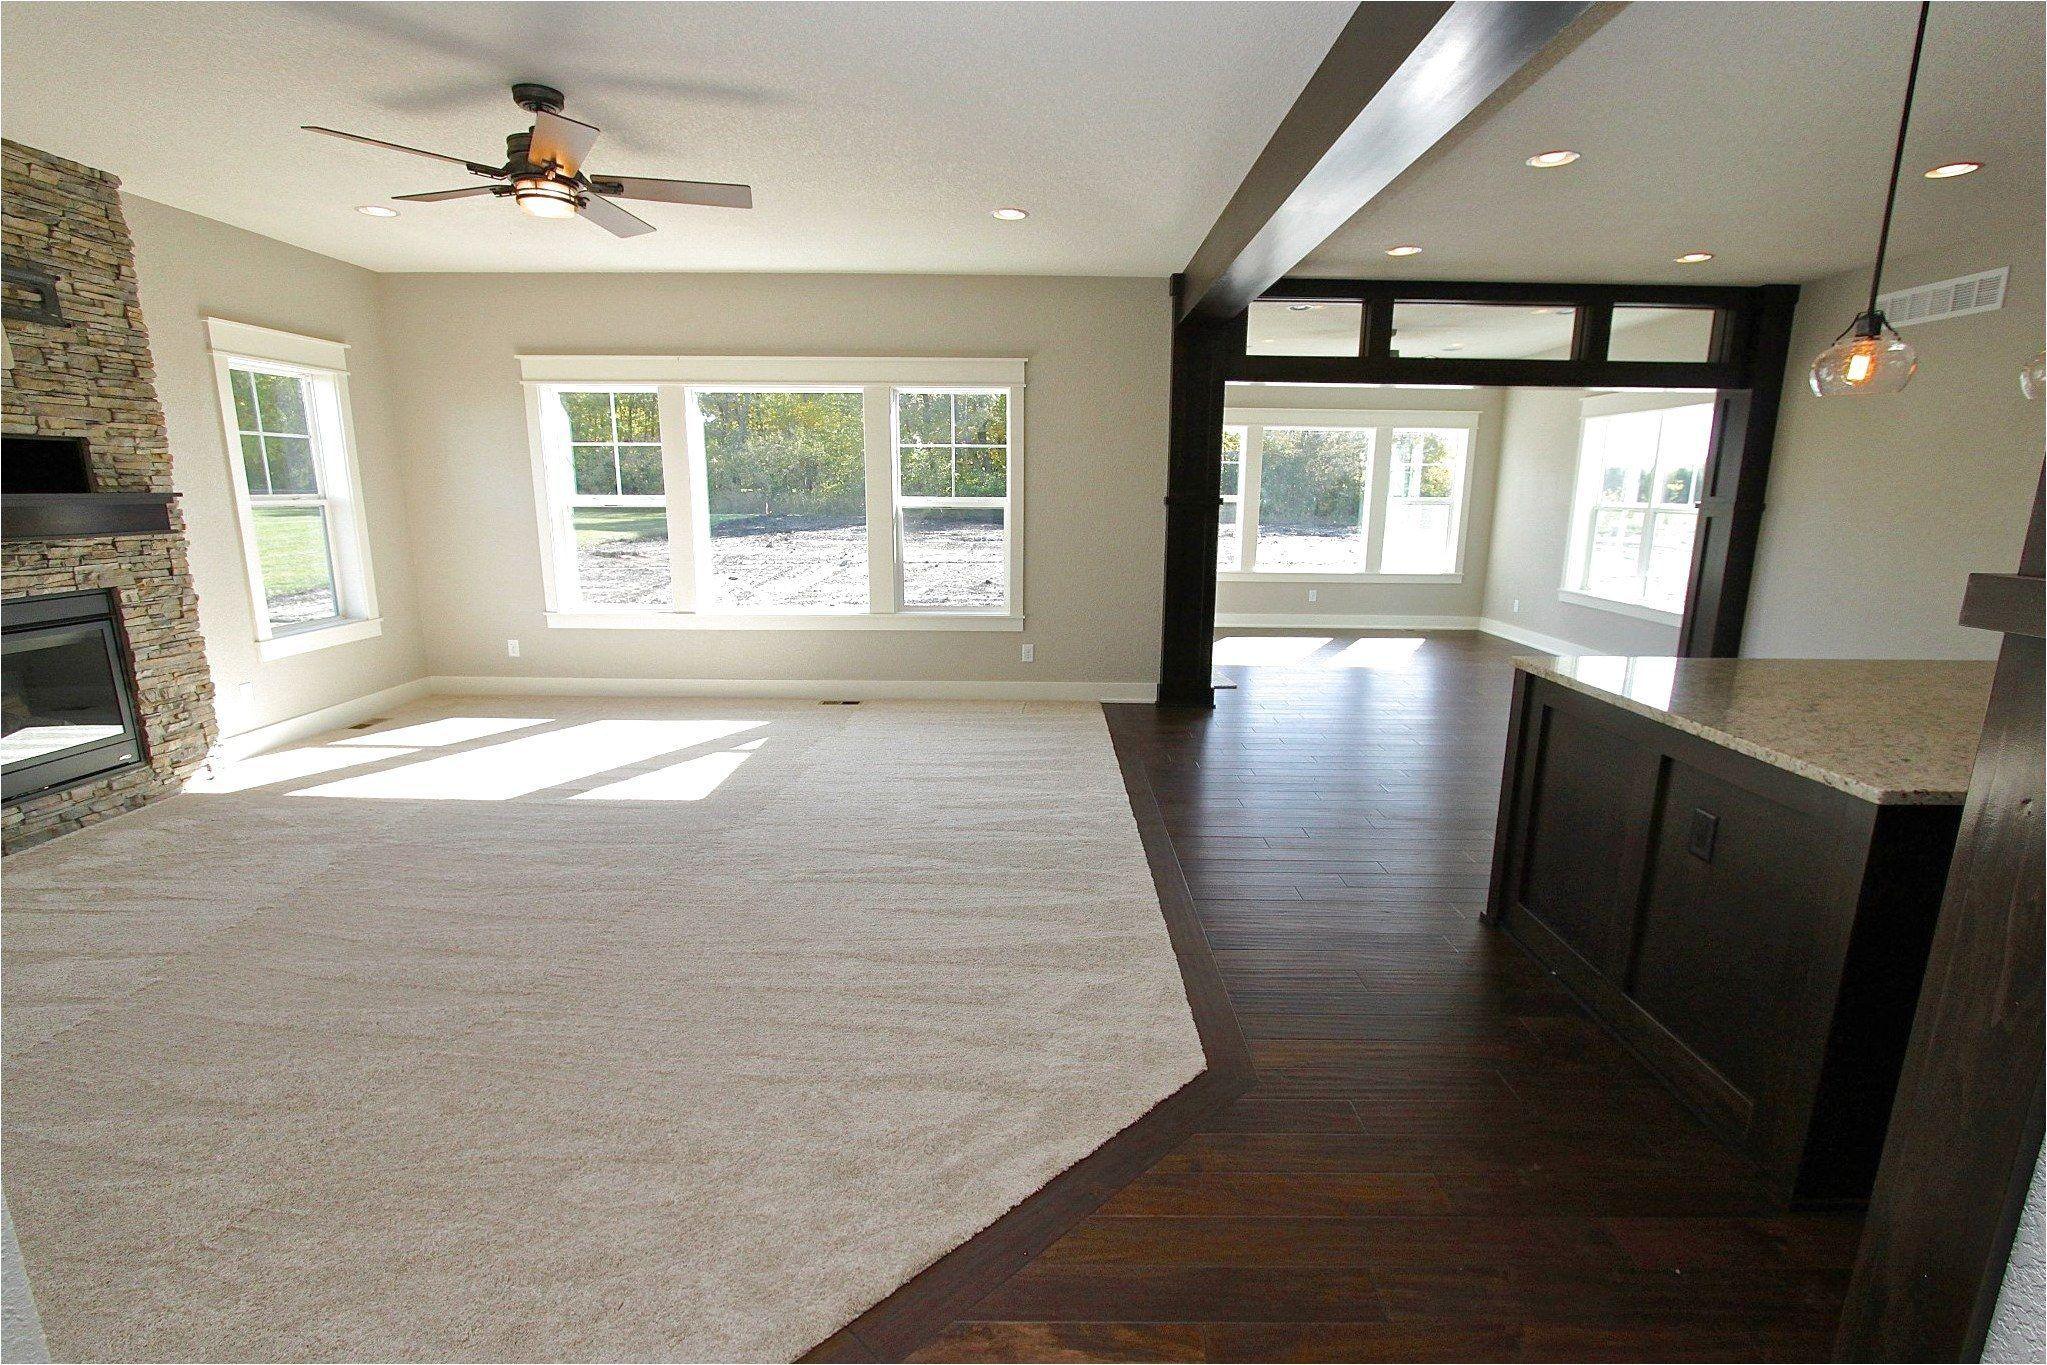 Excellent Photo Carpet Tiles transition Popular Commercial